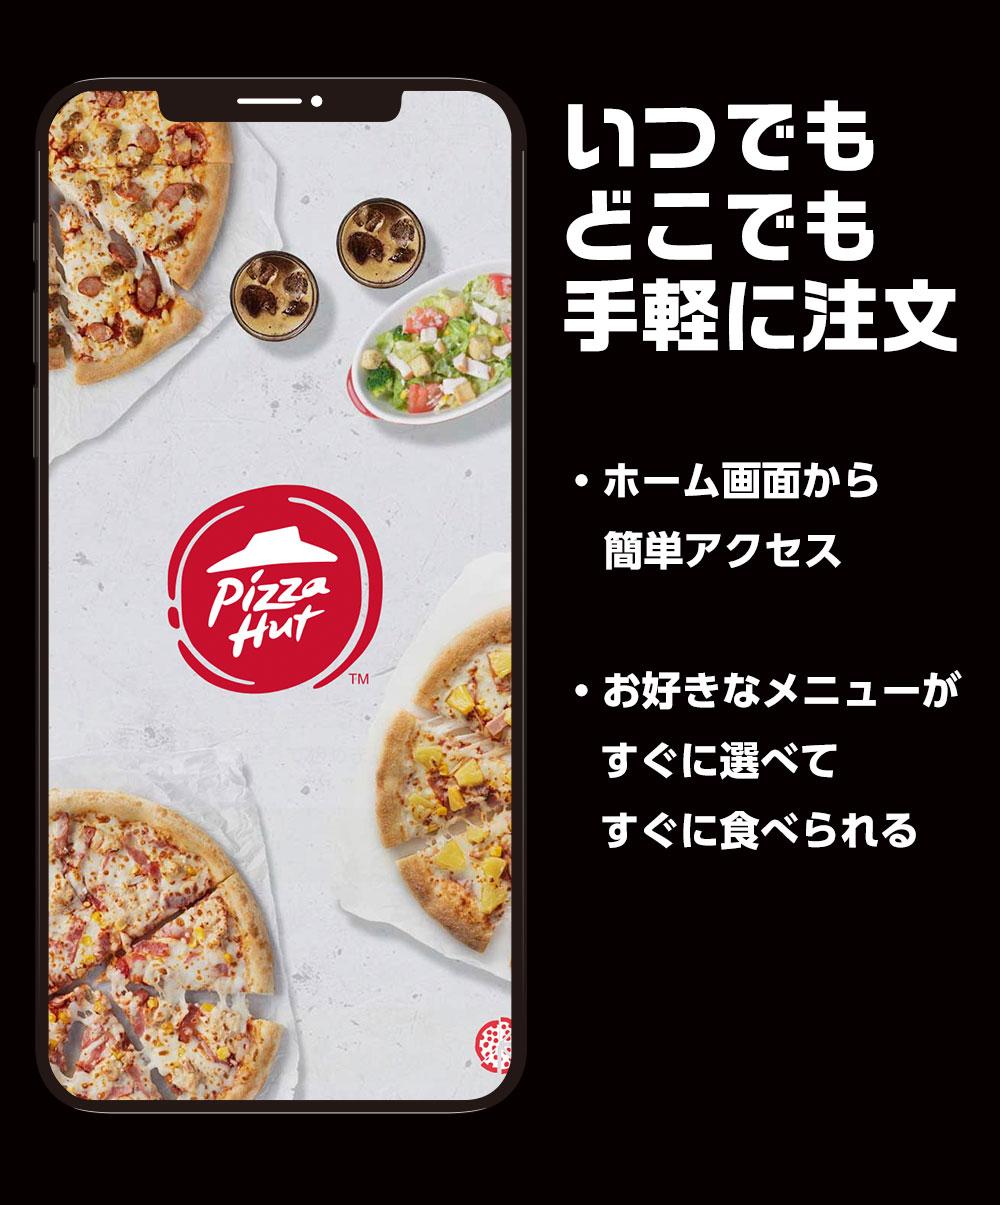 ピザハットアプリは、いつでもどこでもお手軽に注文できます!